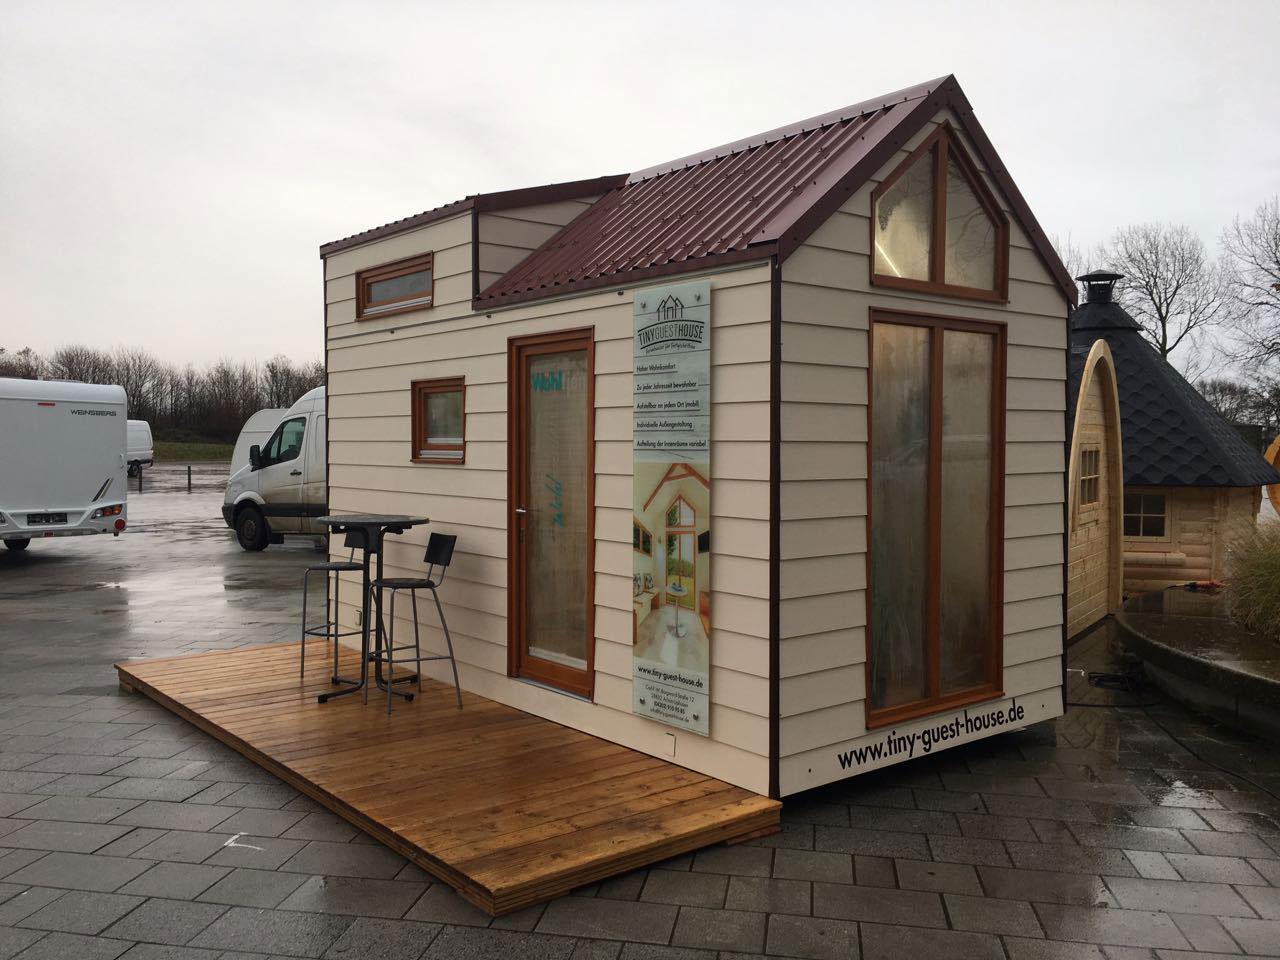 Tiny-House by Woehltjen draußen